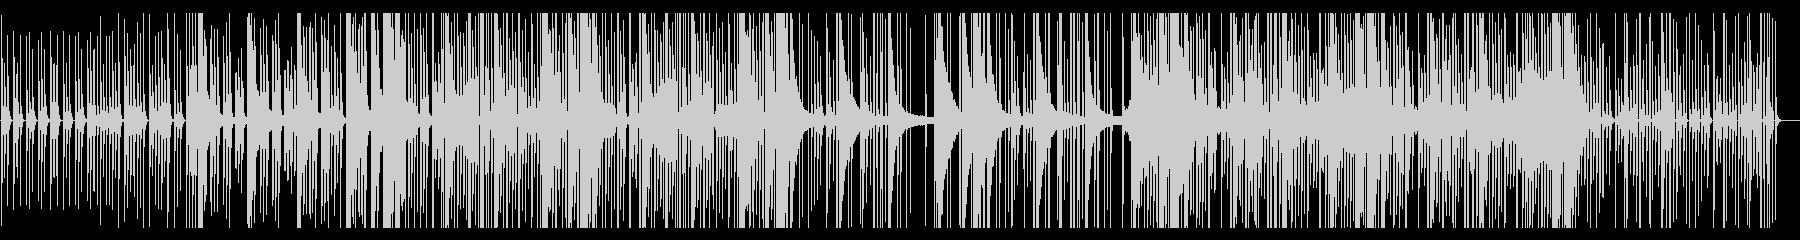 芽吹きをイメージした淡いミニマルポップの未再生の波形